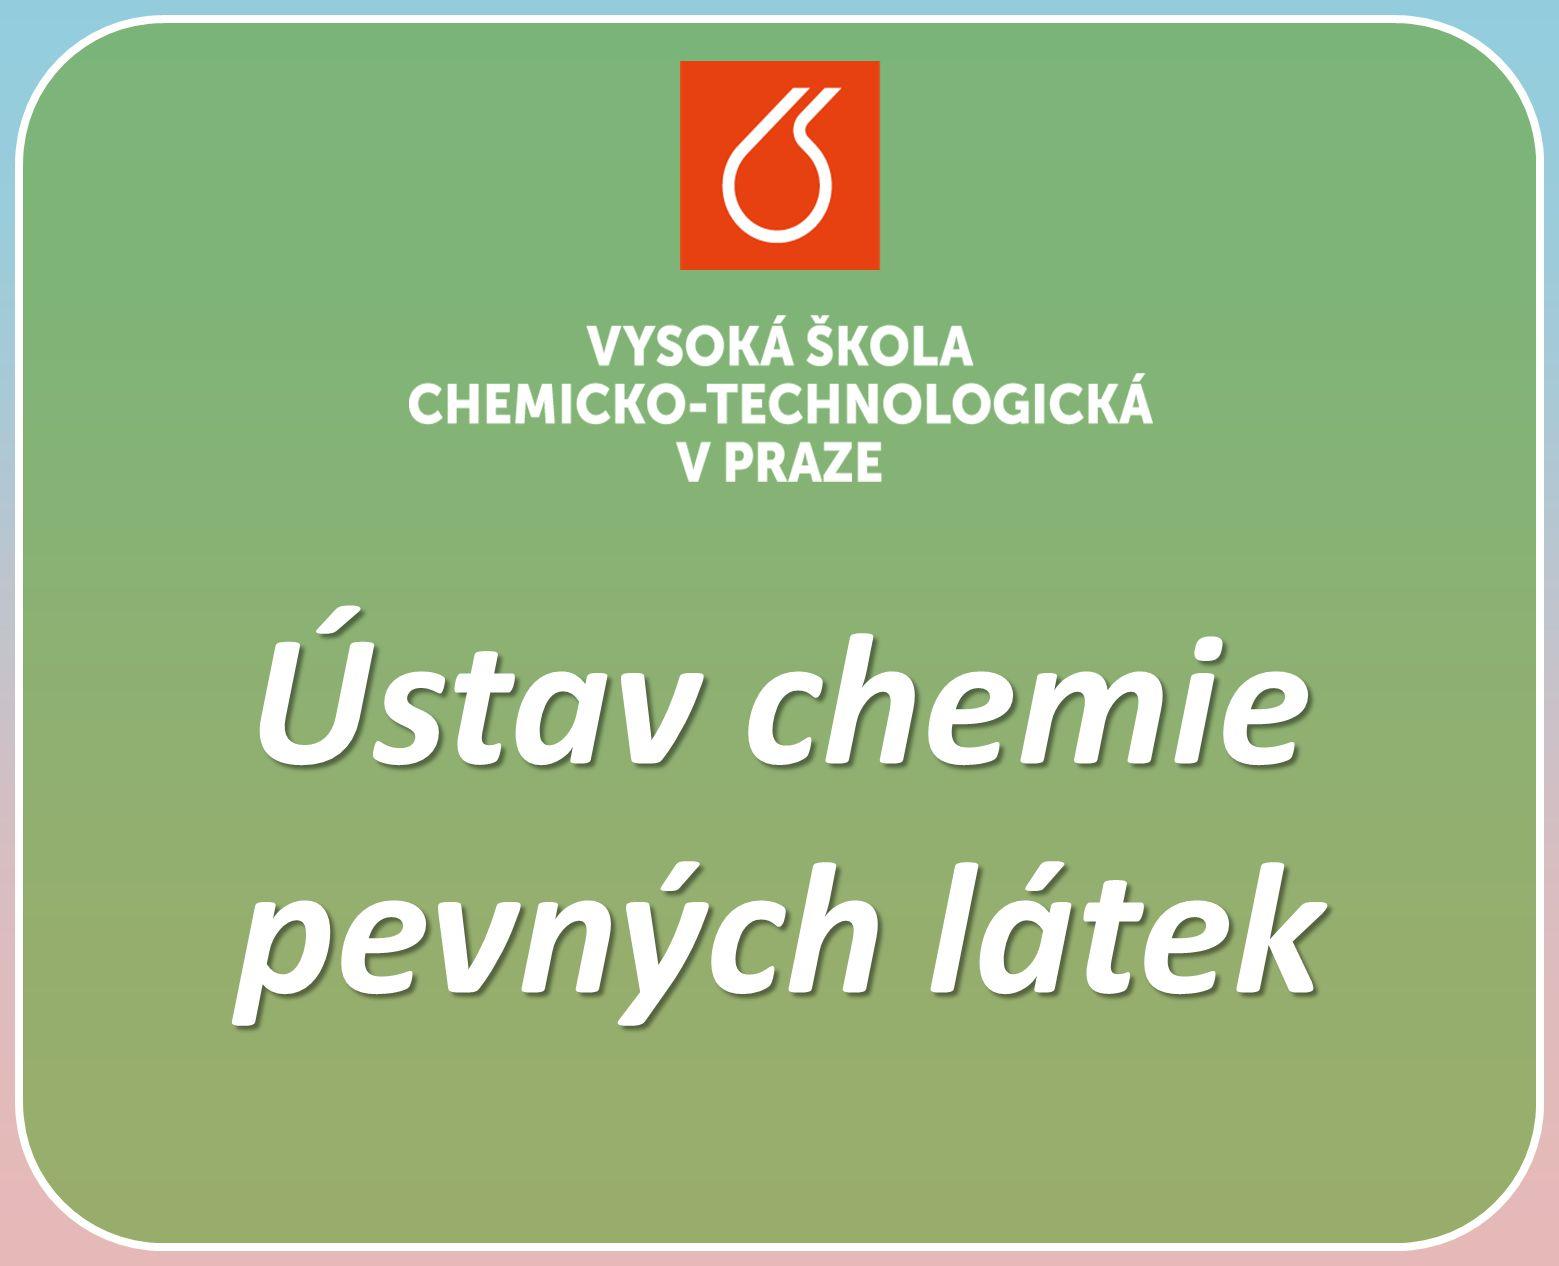 Ústav chemie pevných látek